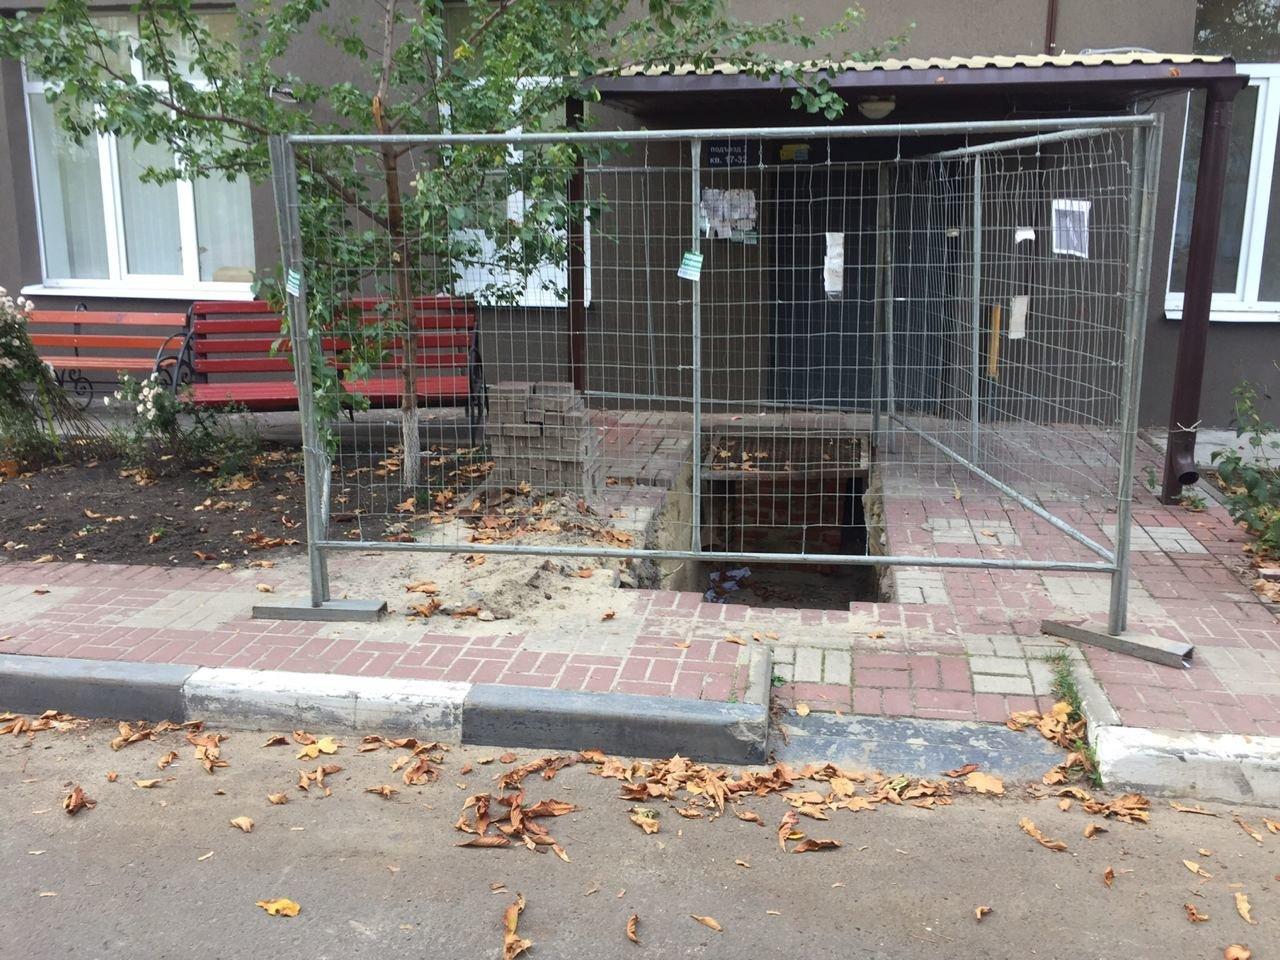 Коммунальная «могила». В центре Белгорода рабочие оставили яму перед подъездом пятиэтажки, фото-3, паблик во ВКонтакте «Белгород – это интересно»